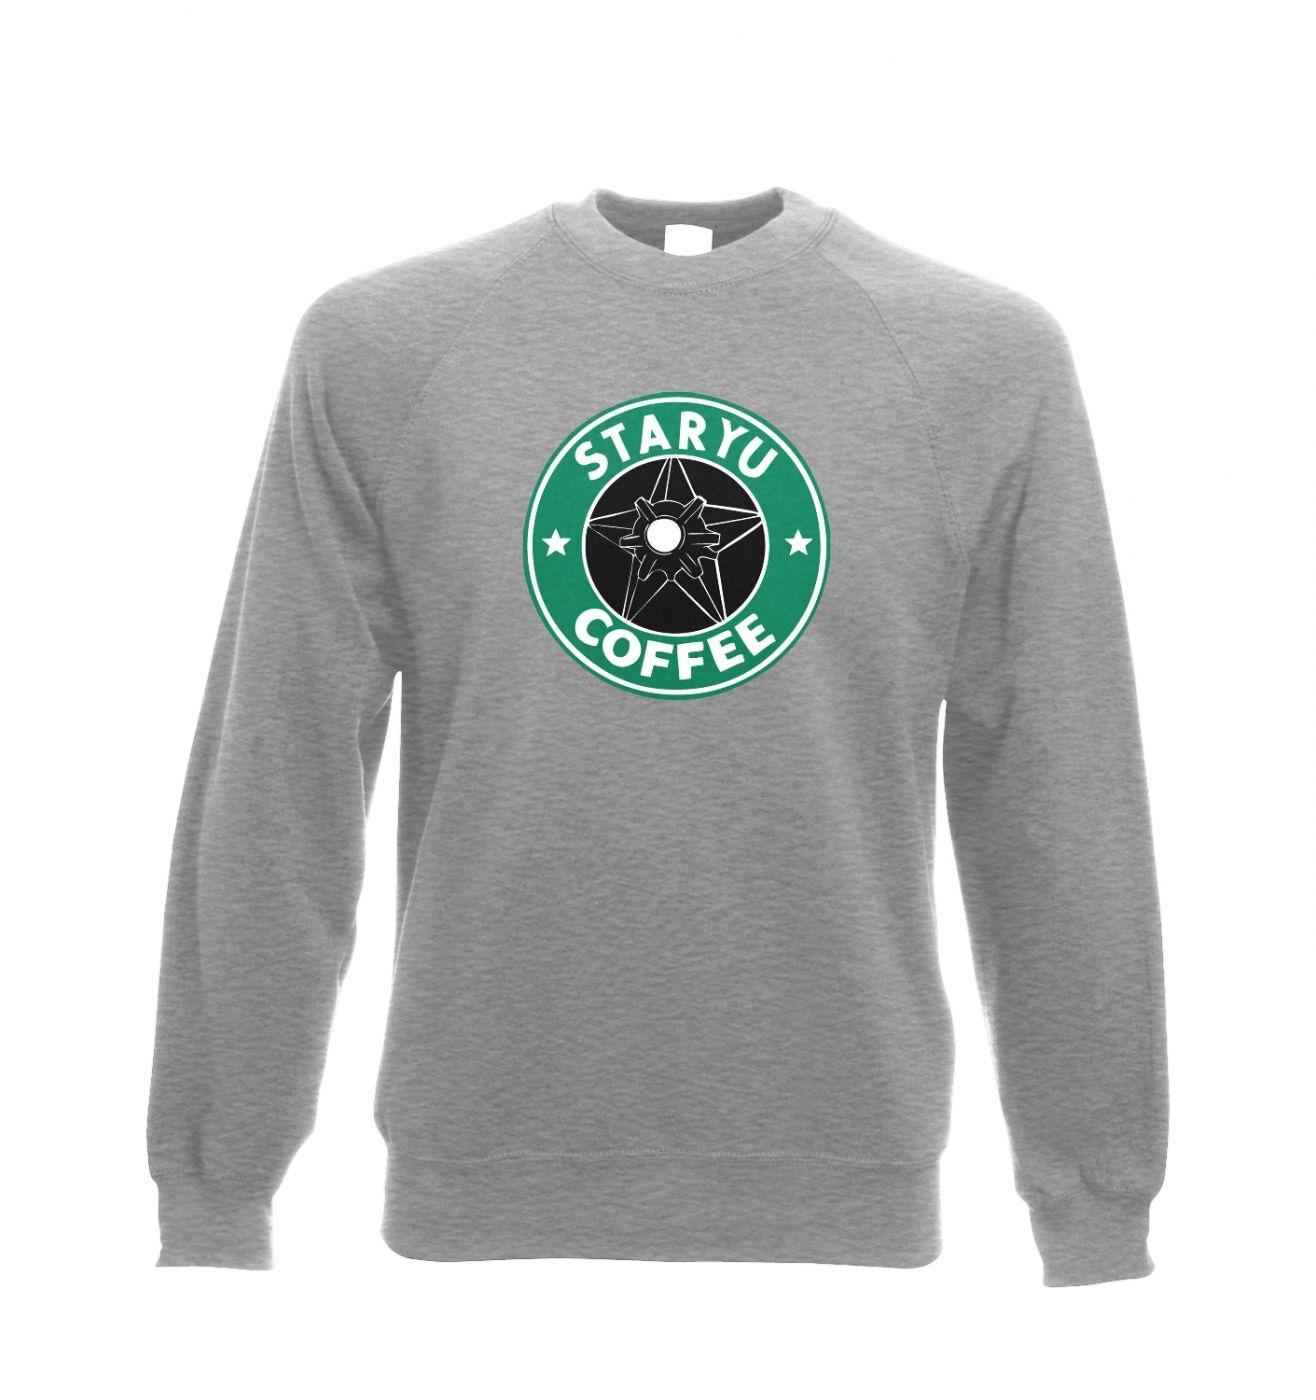 Staryu Coffee Adult Crewneck Sweatshirt  - Inspired by Pokemon